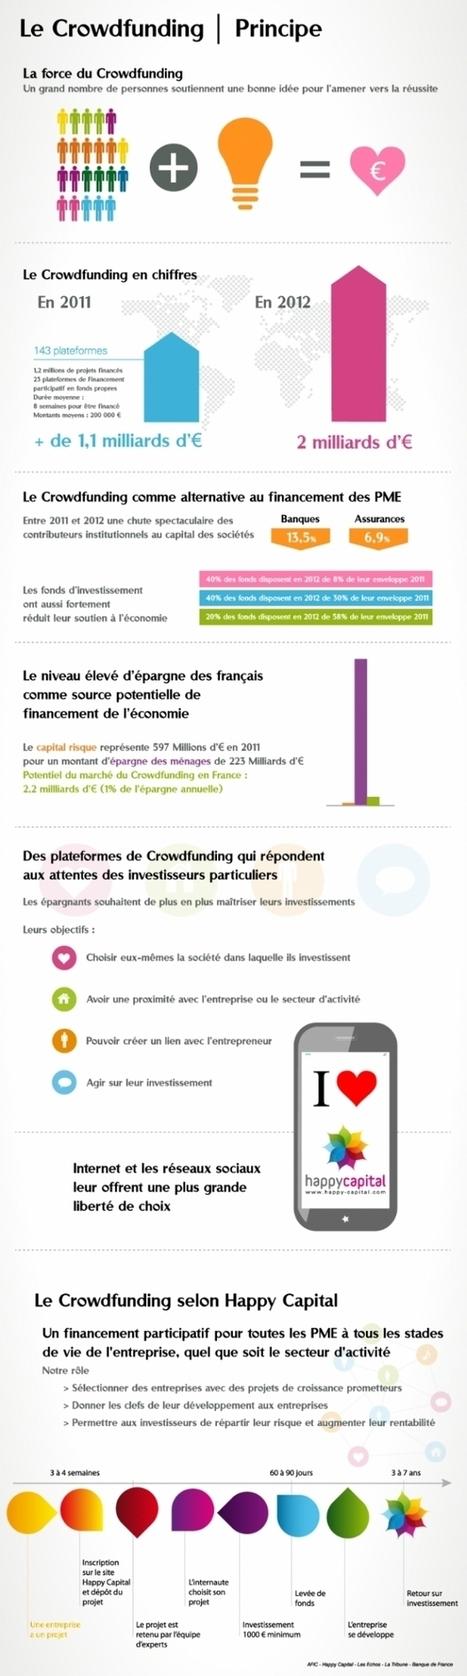 [Infographie] Le crowdfunding est plébiscité face à la baisse des investissements - Maddyness | Financer l'innovation | Scoop.it